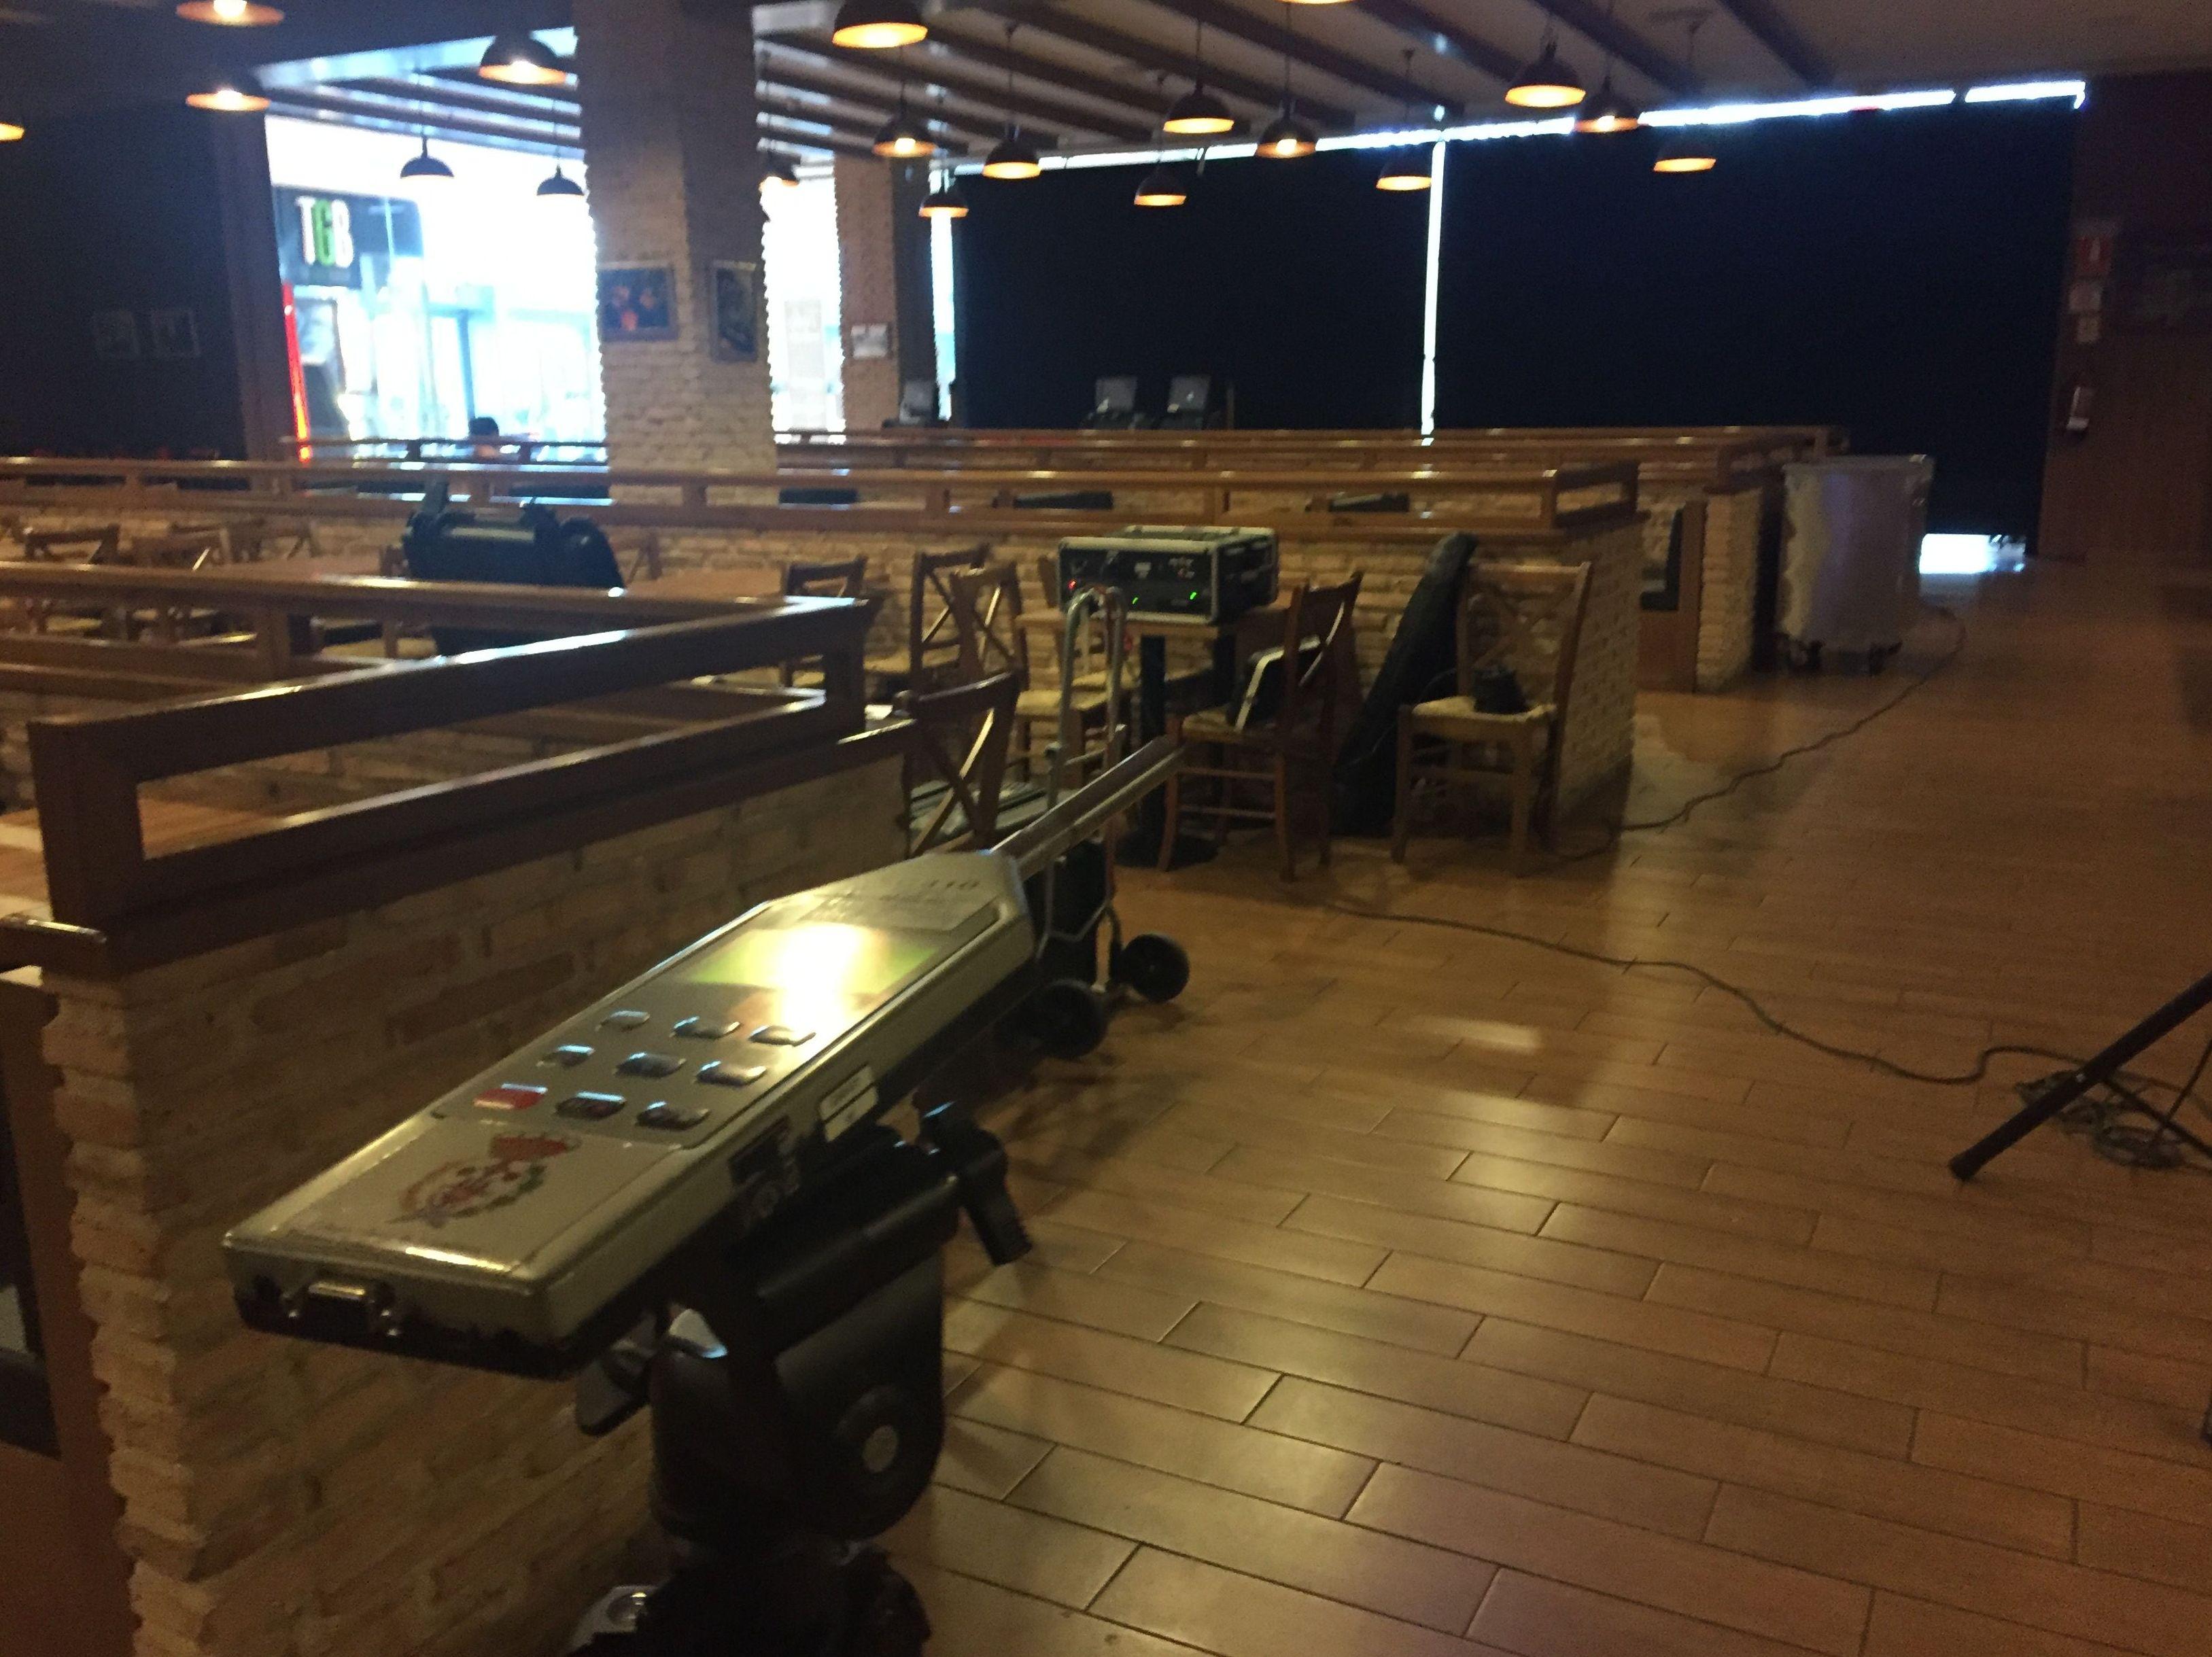 Medición de ruido en Zaragoza